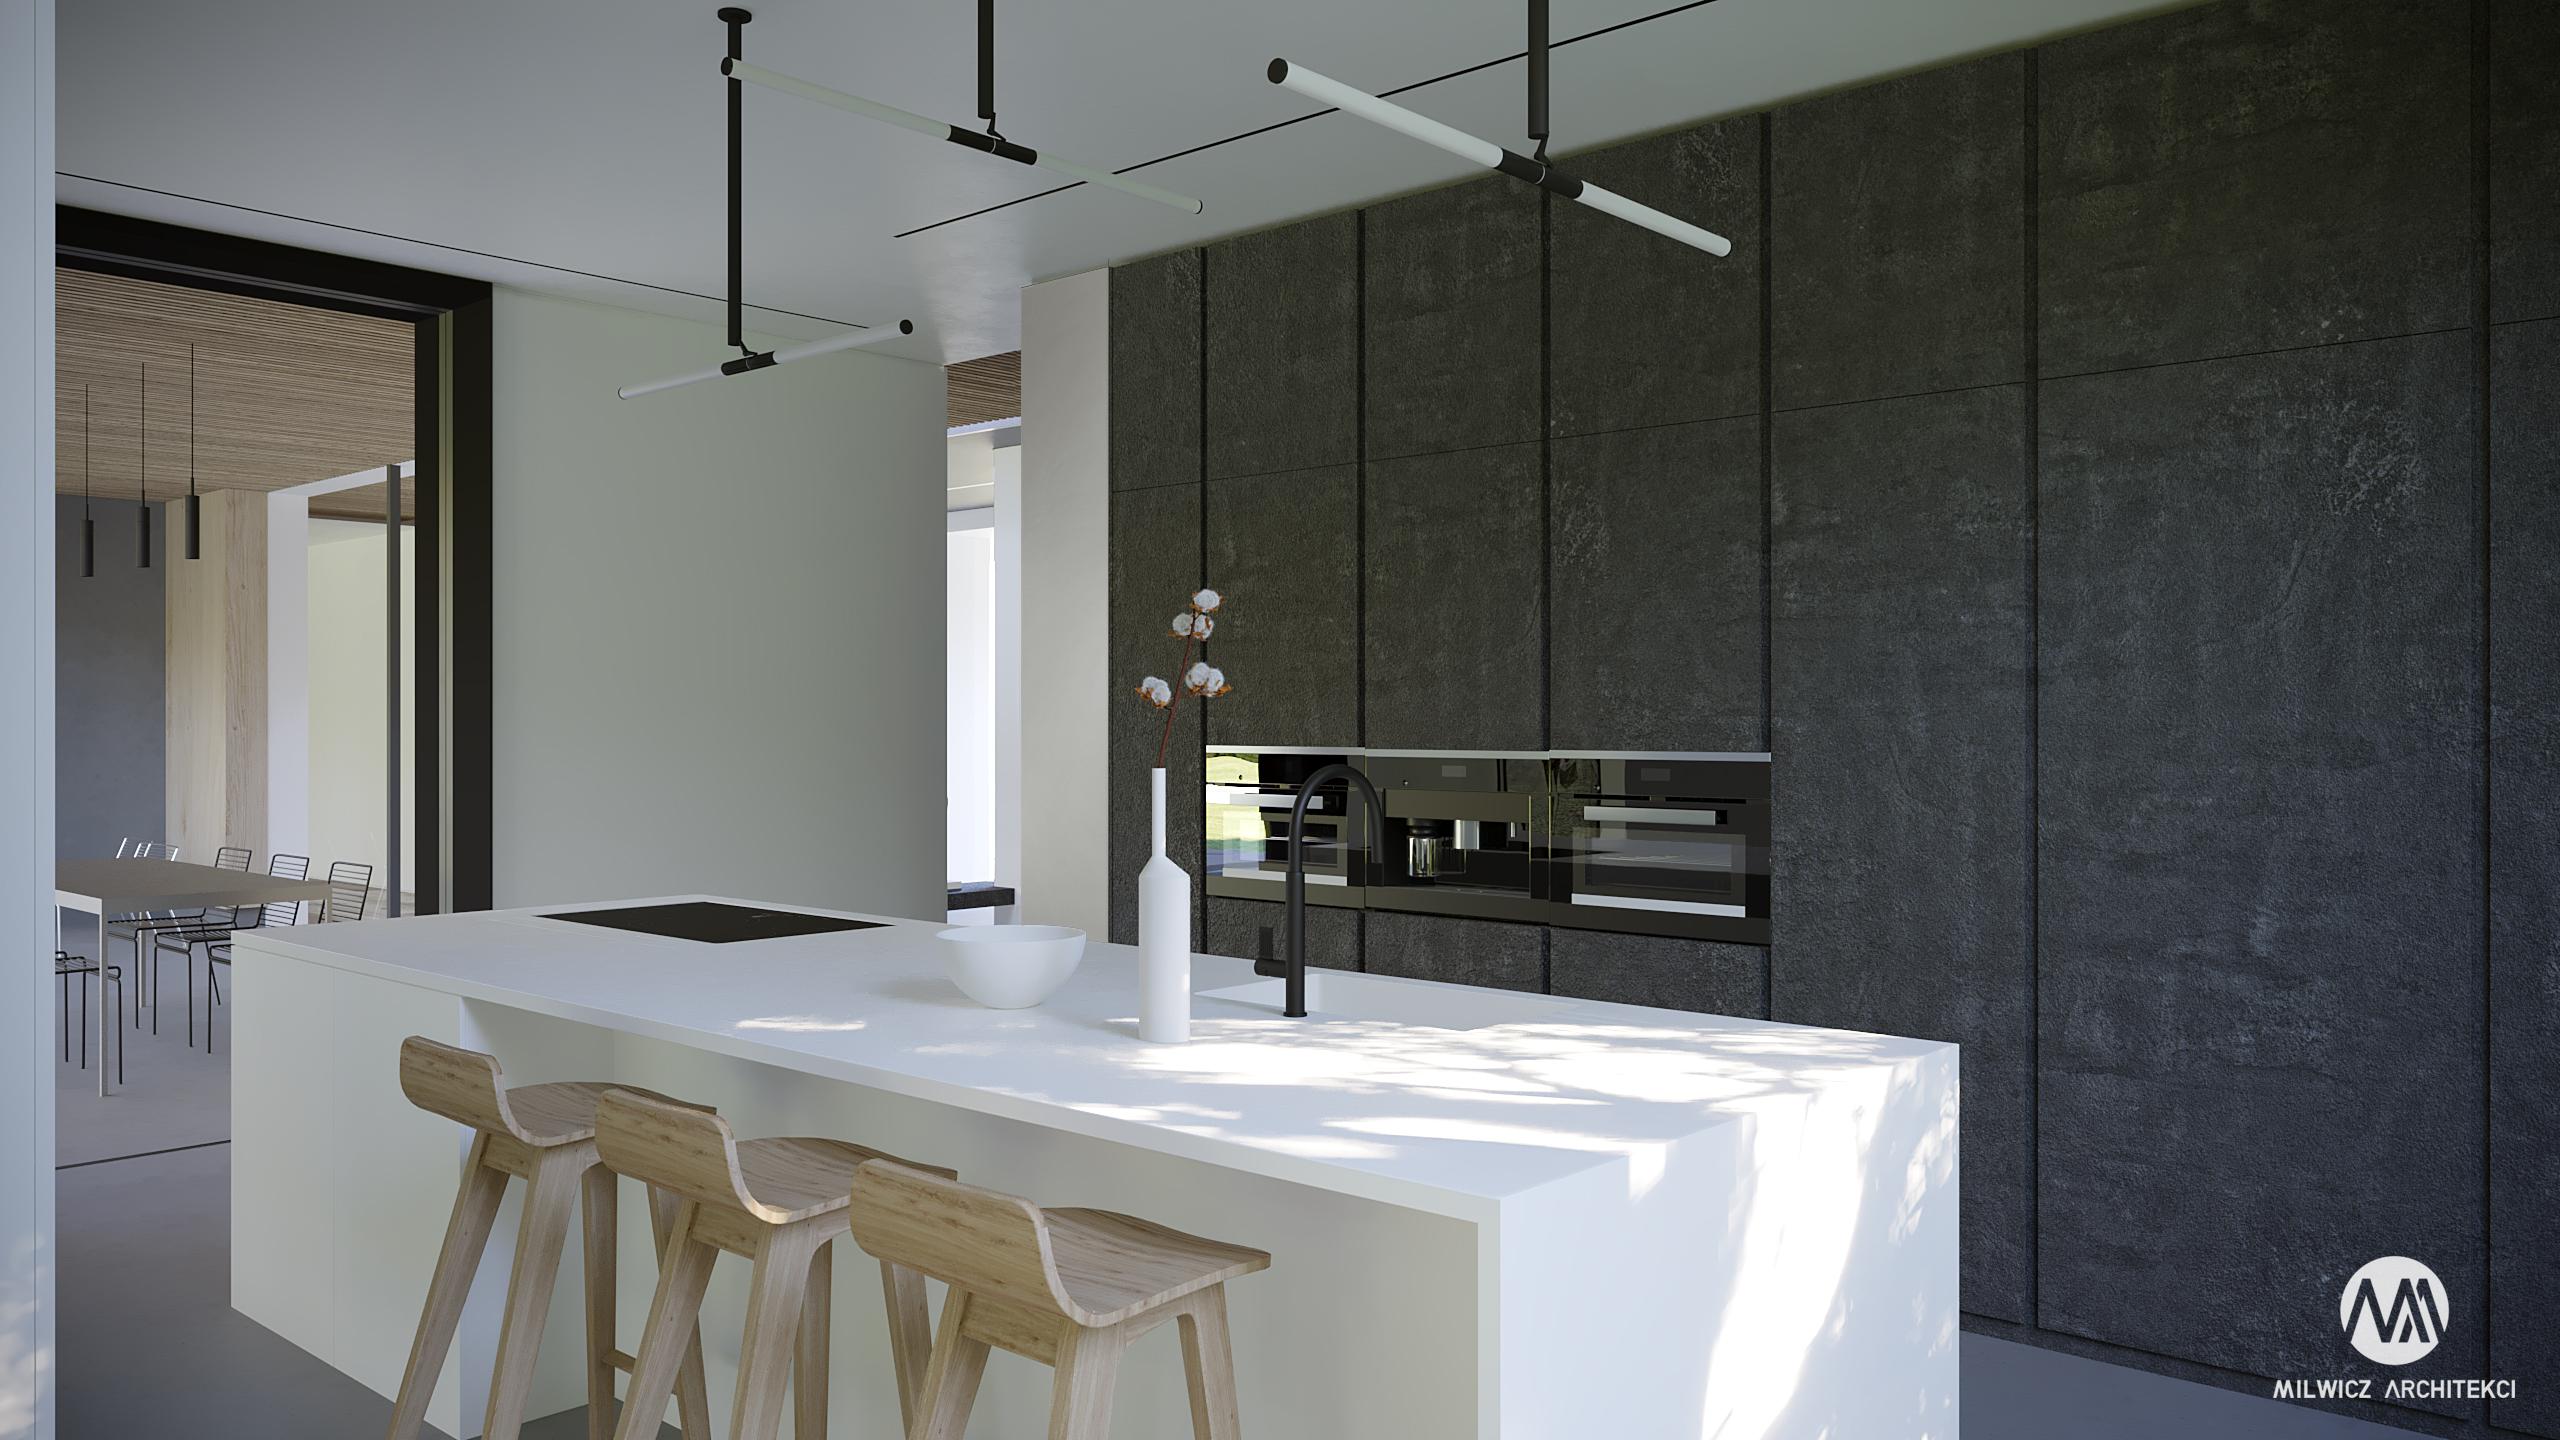 projekt Mielno, projekt indywidualny, minimalizm, beton architektoniczny, duże przeszklenia